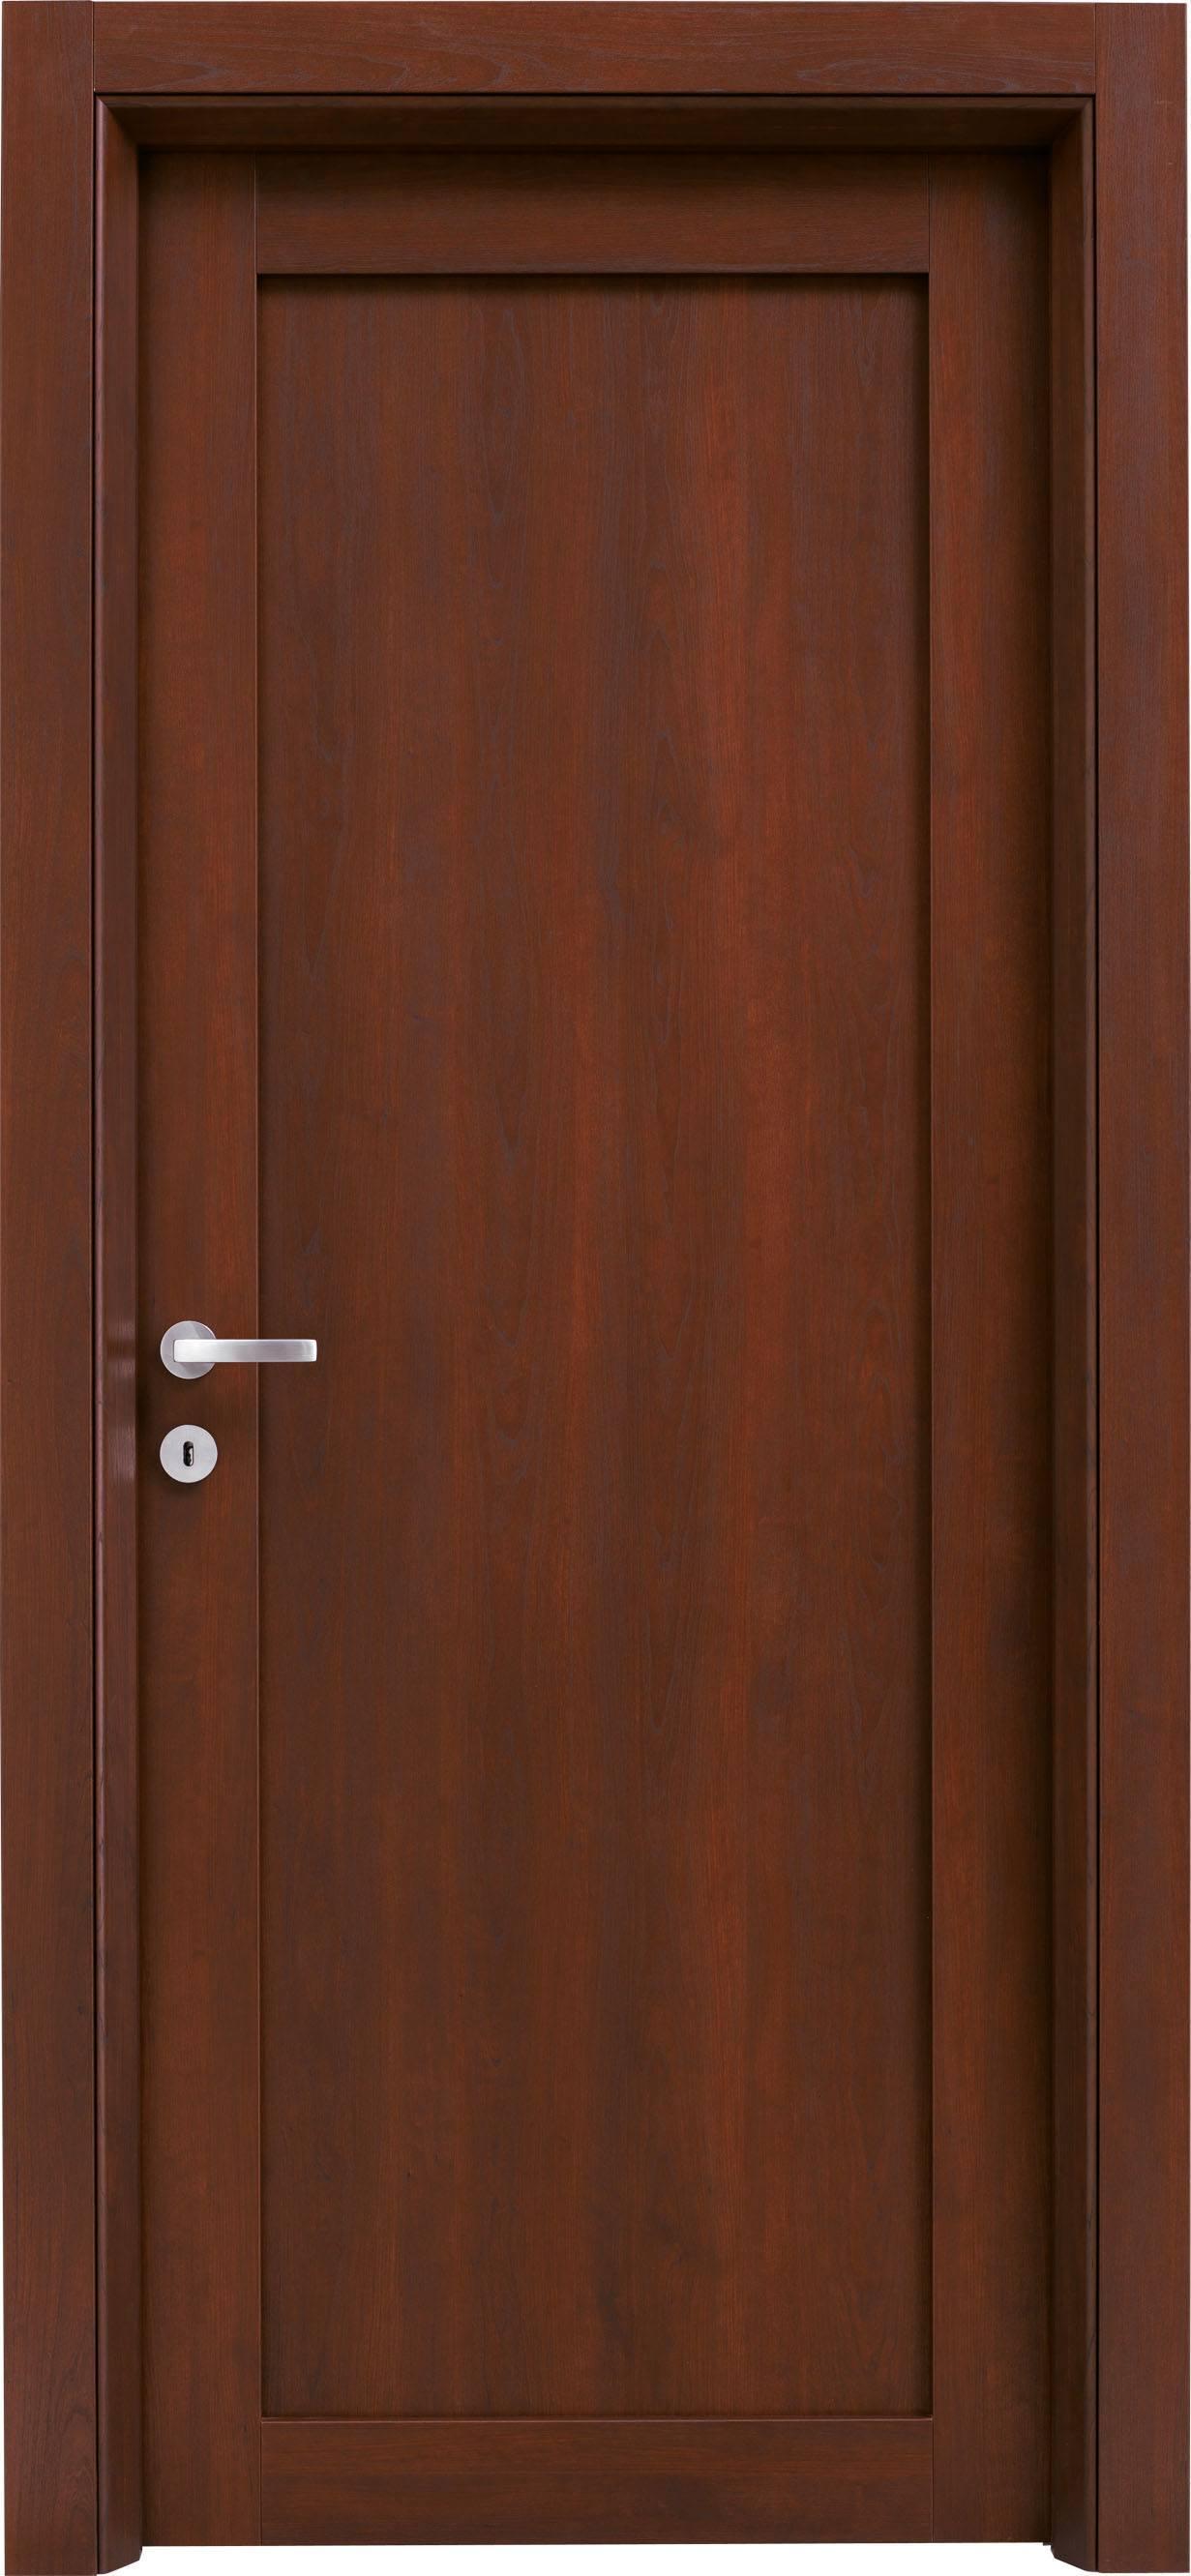 Porte Interne Color Ciliegio http://www.civico14/3-cancelletto-estensibile-classico